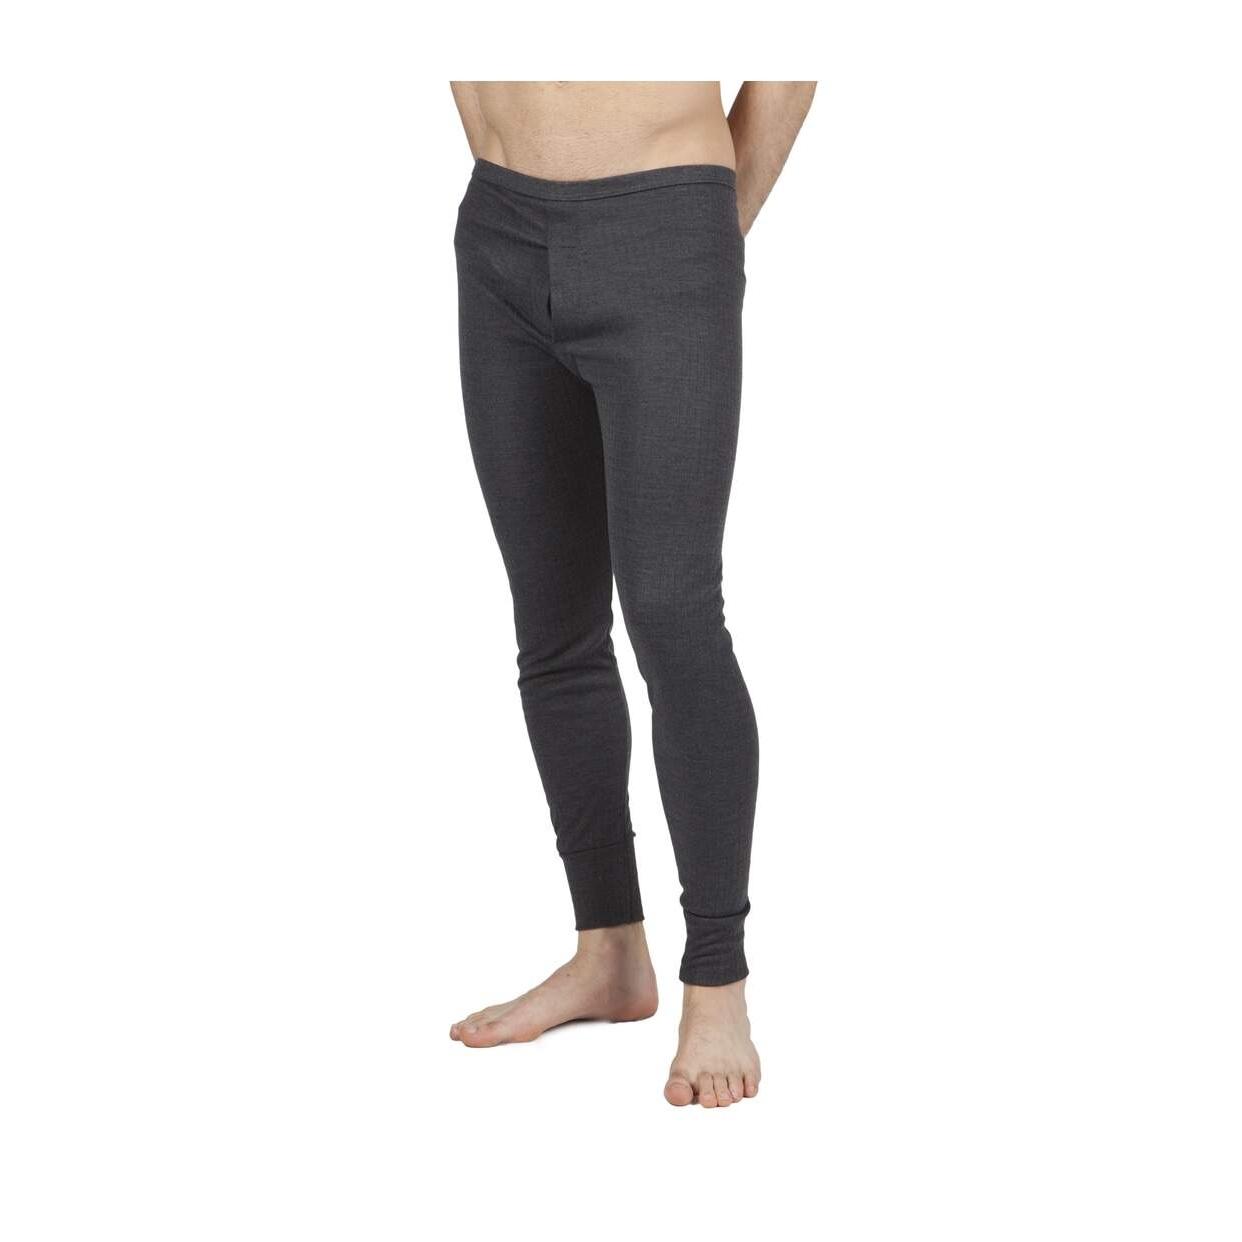 miniature 8 - FLOSO - Sous-pantalon thermique (en viscose) - Homme (S-XL) 3 couleurs (THERM106